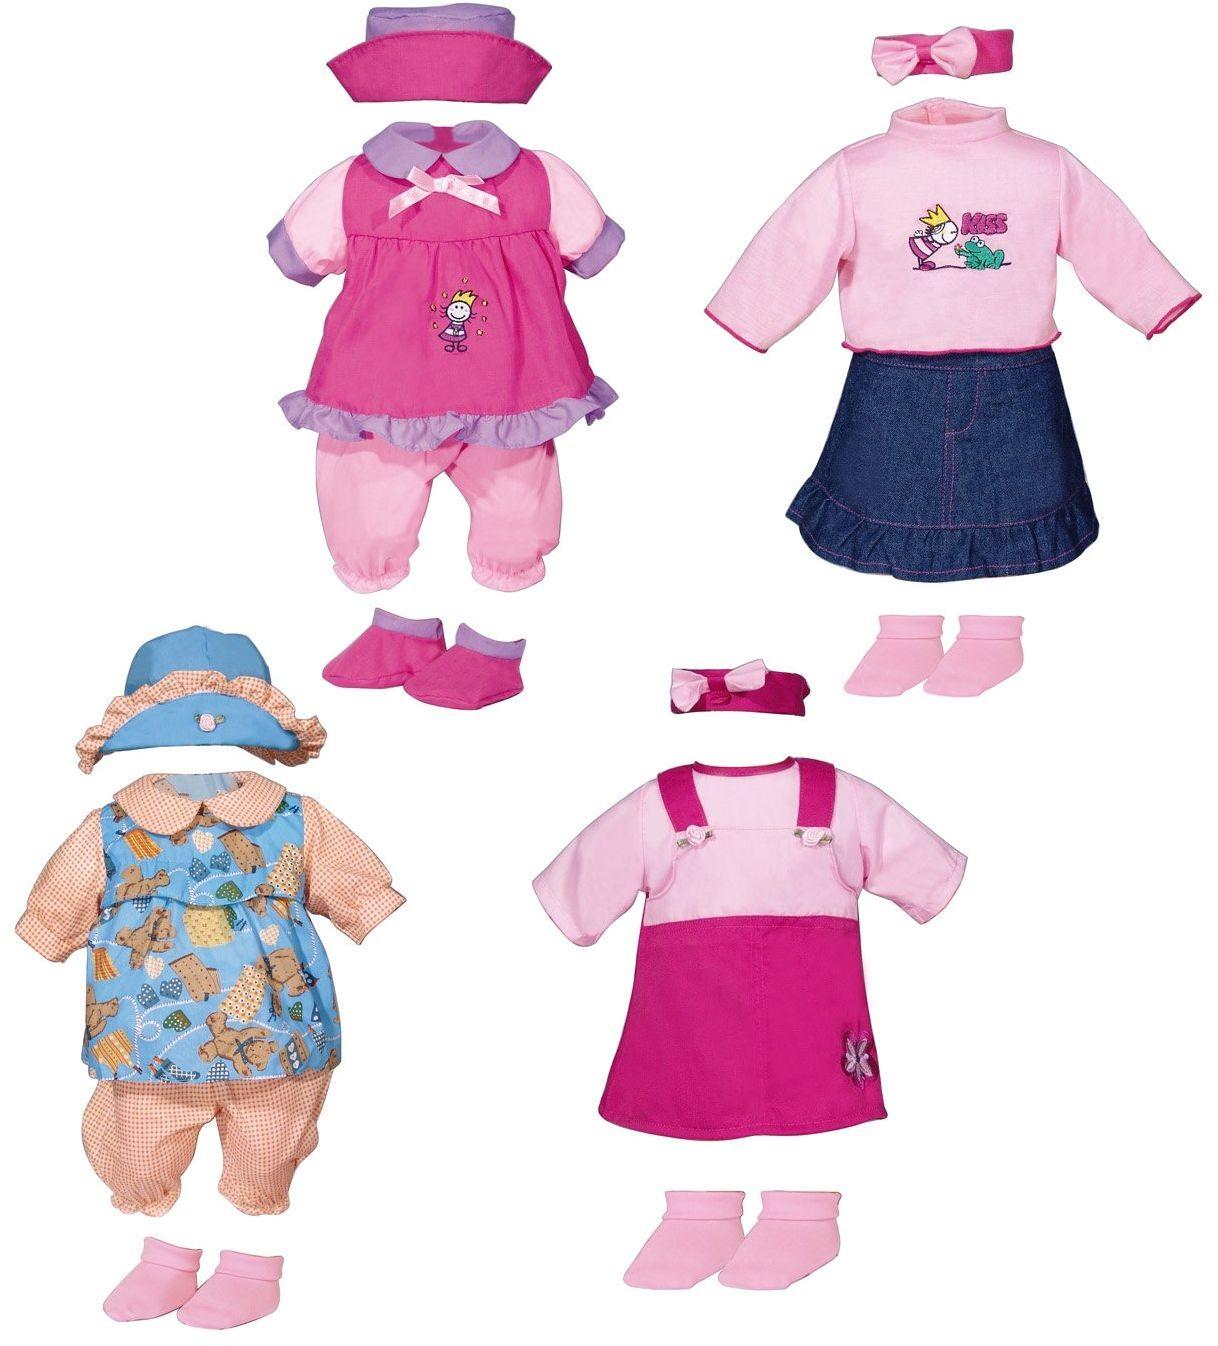 Bayer Design 84670-sukienka-3 - sukienka dla lalek około 42-46 cm